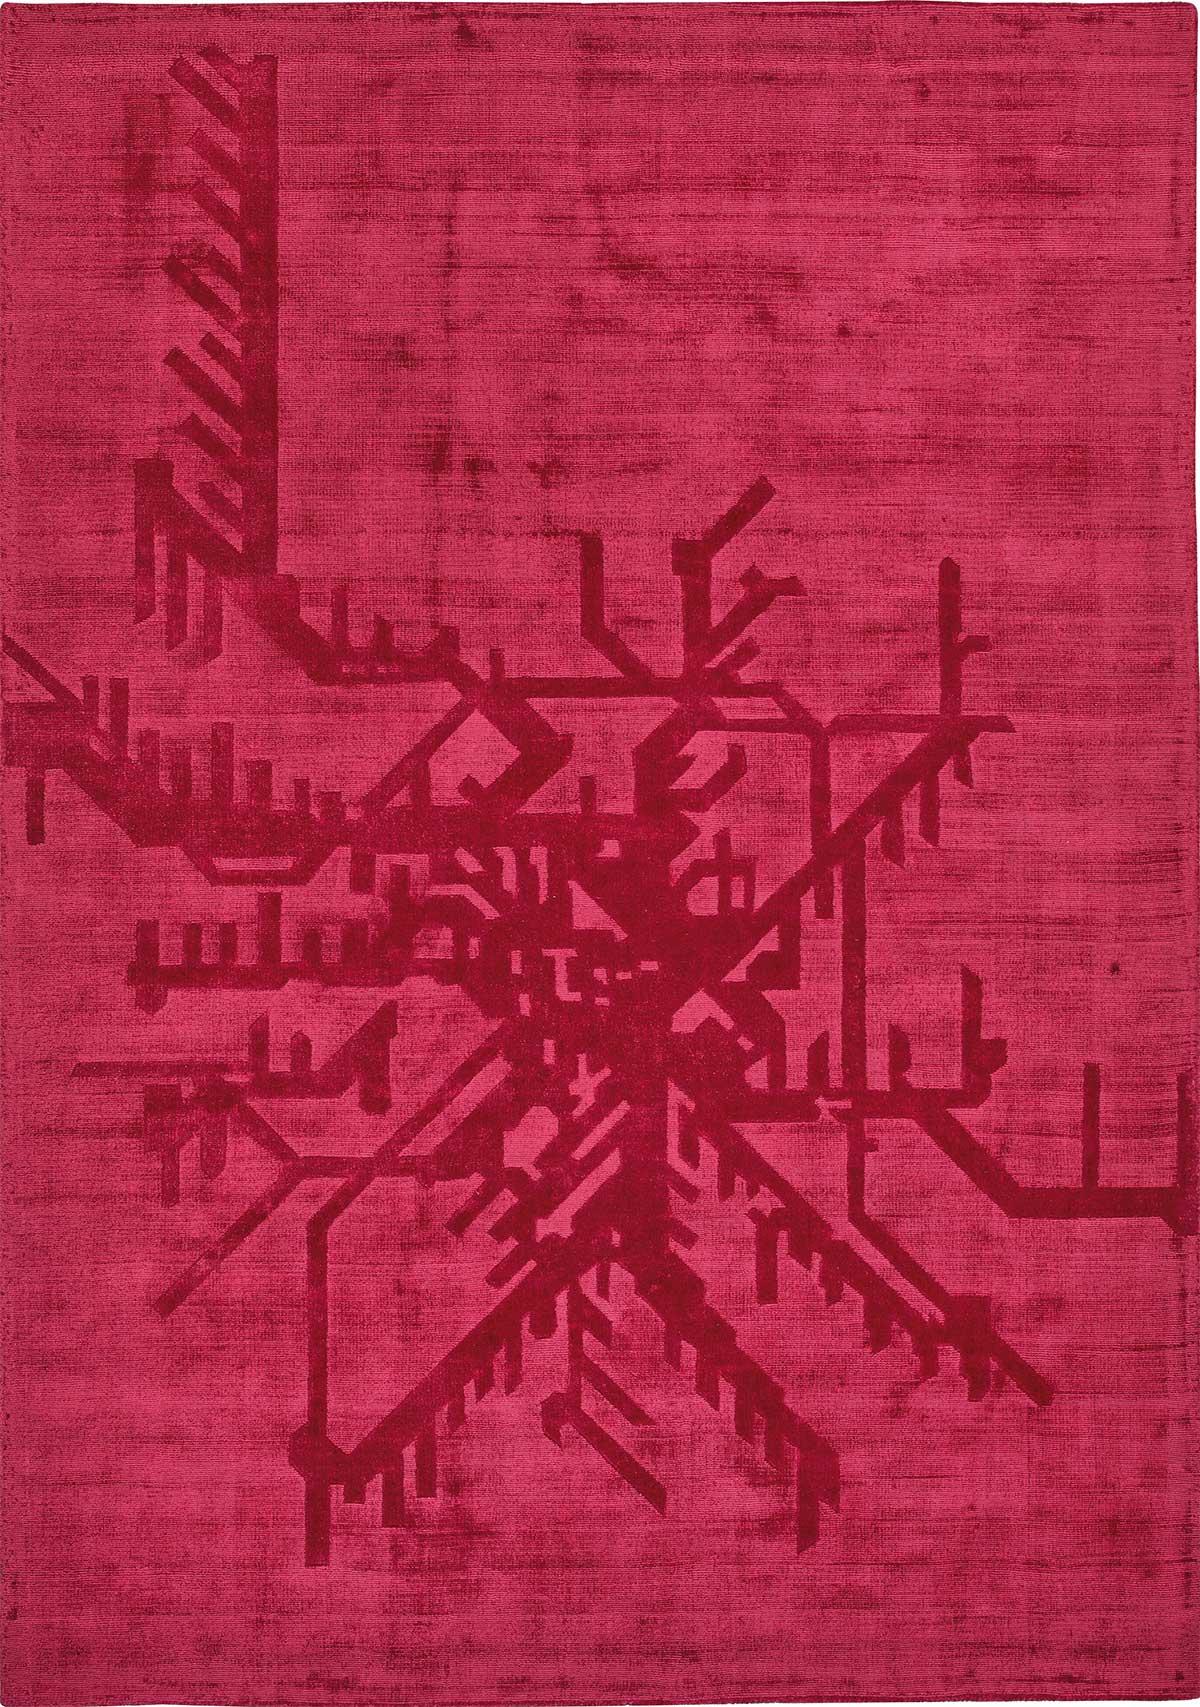 Tappeto rettangolare di alta qualità. Colore rosso, verde o oro in diverse dimensioni. Vendita online e consegna a domicilio gratuita di arredi per la casa.